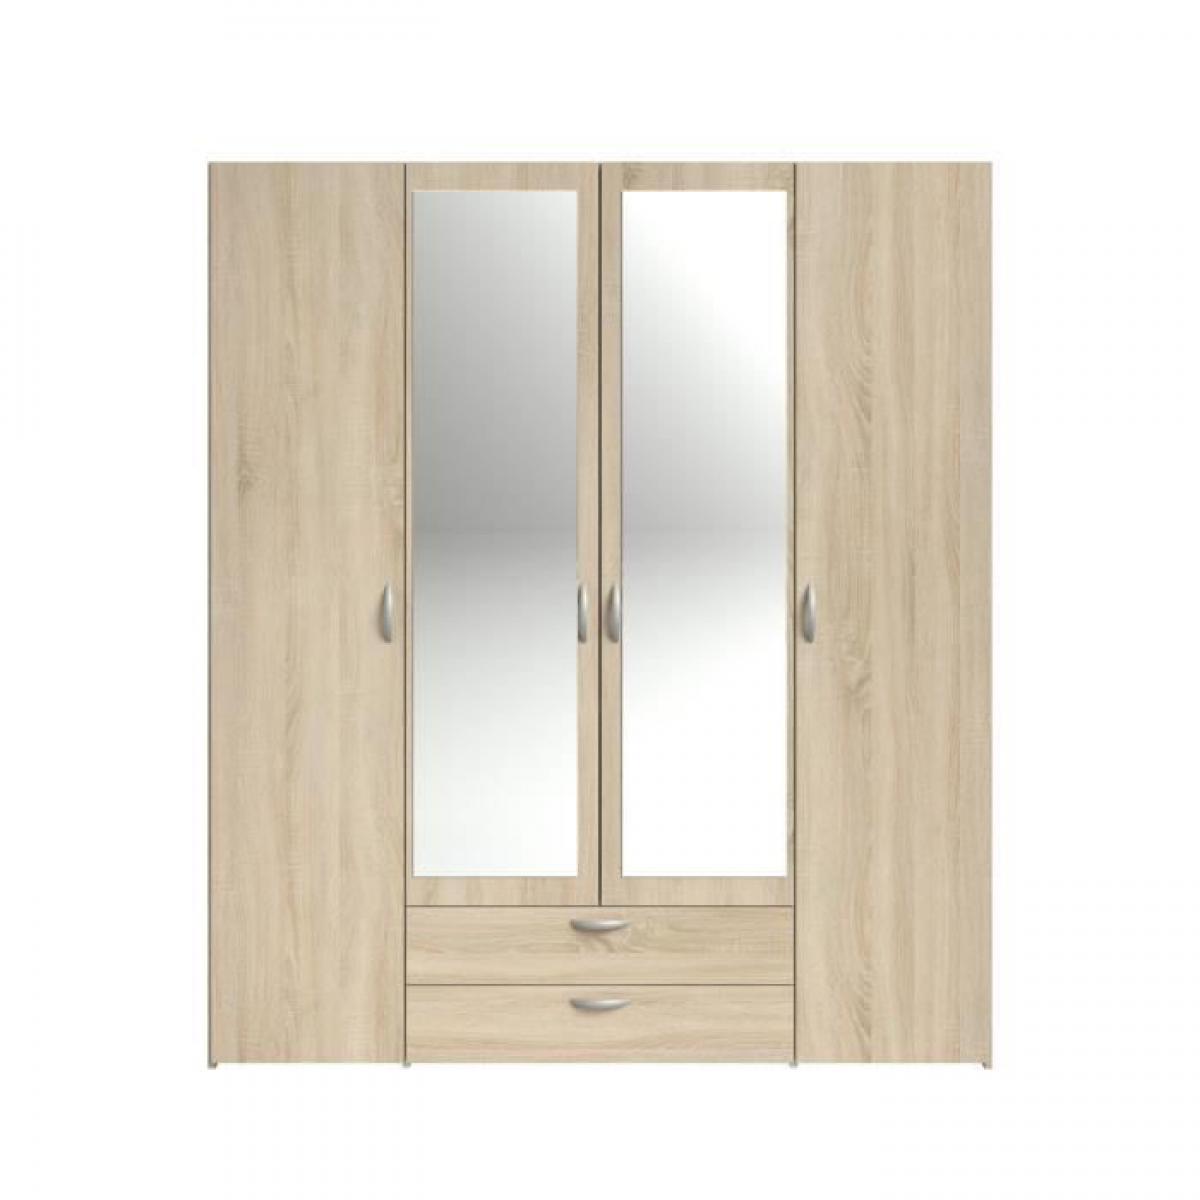 Cstore VARIA Armoire 4 portes miroir décor chene